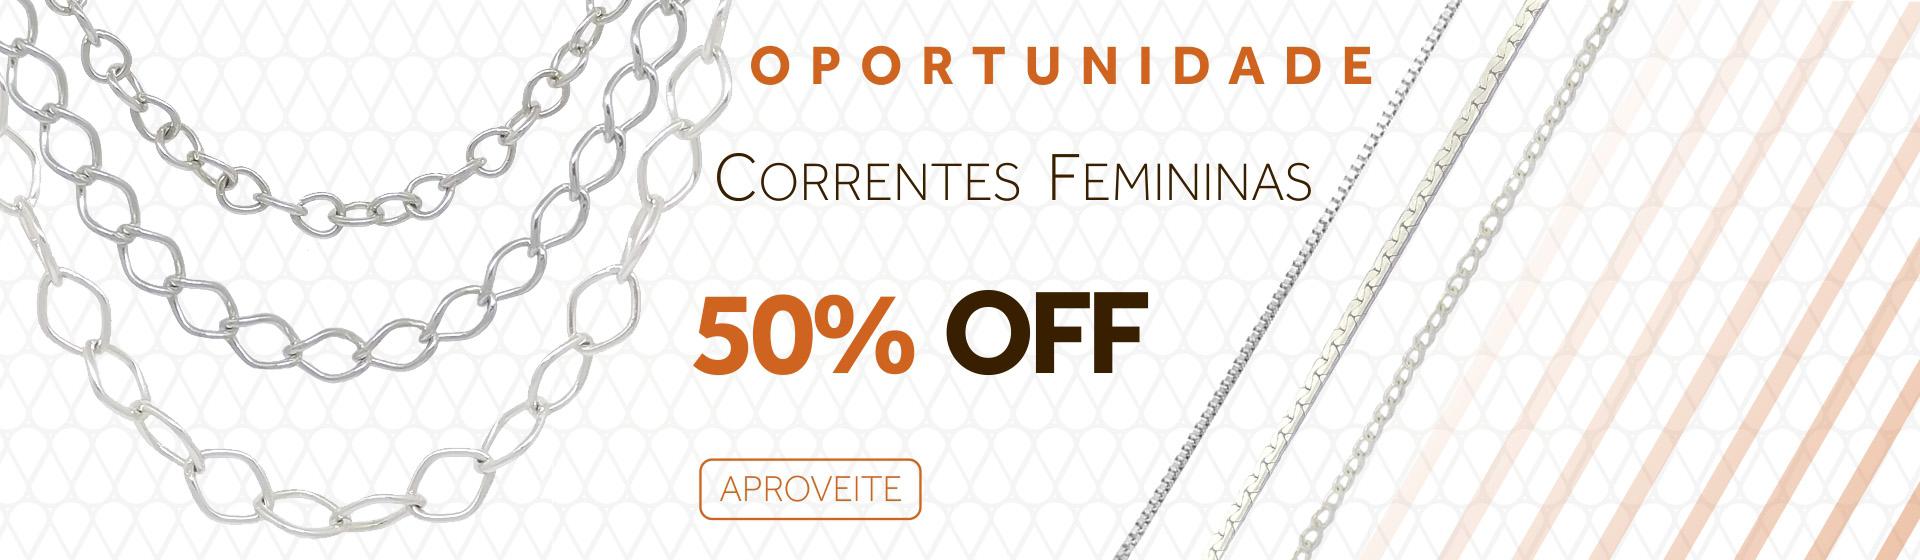 Correntes Femininas Promoção